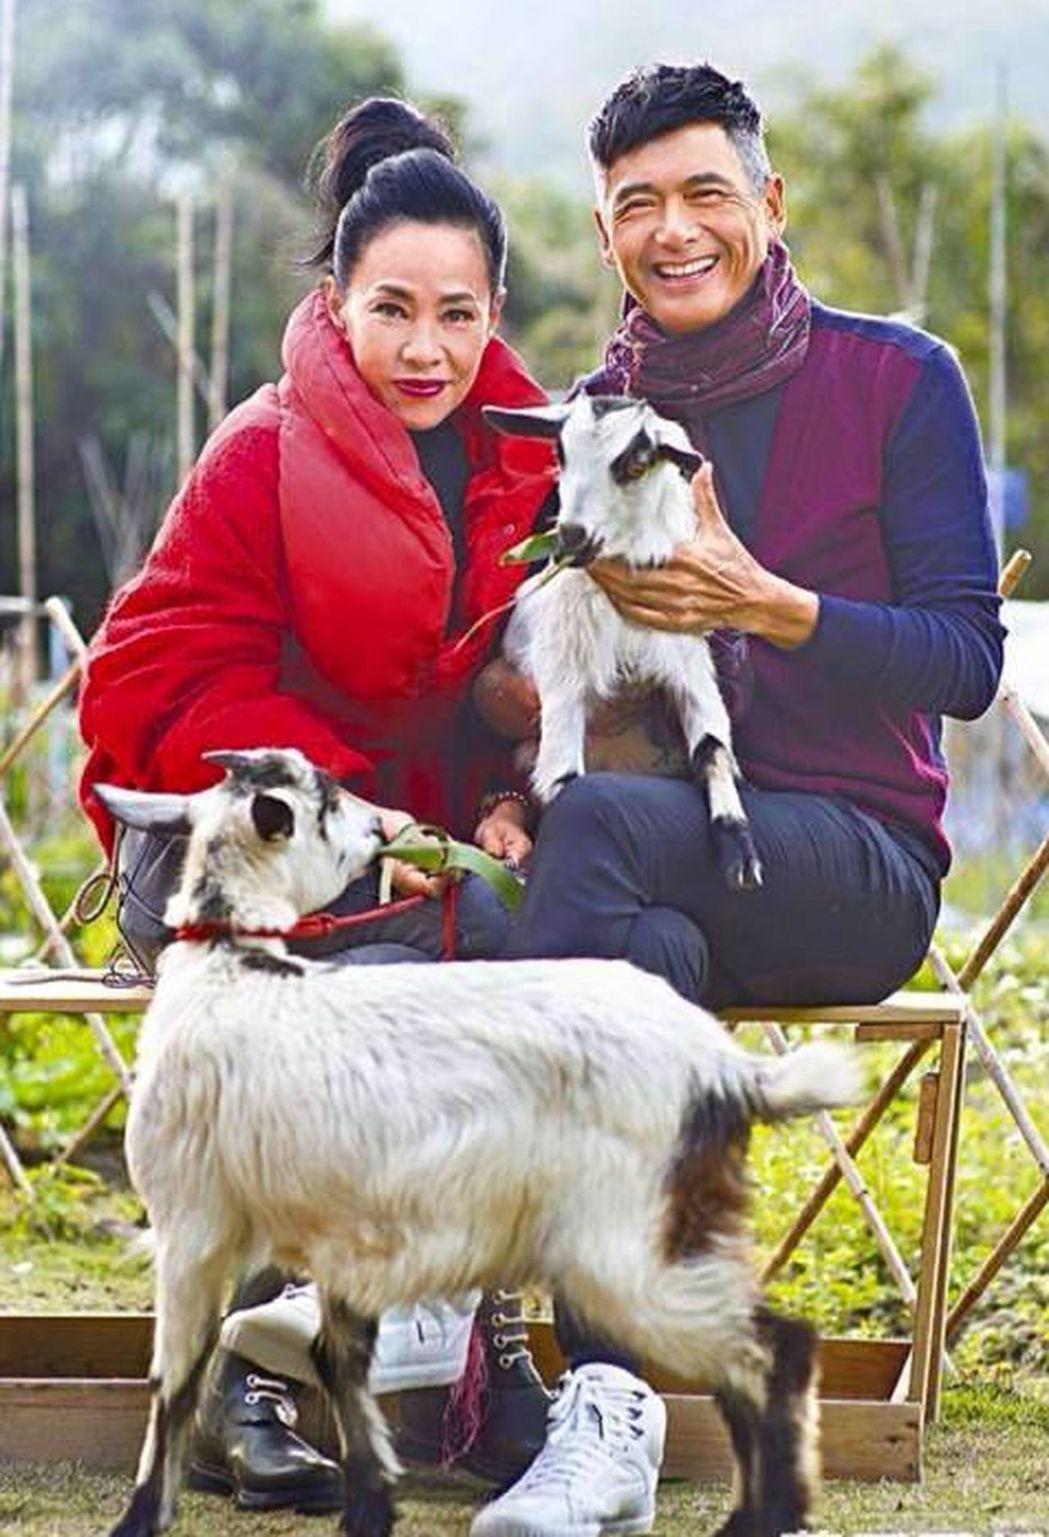 周潤發(右)與太太陳薈蓮。圖/摘自臉書